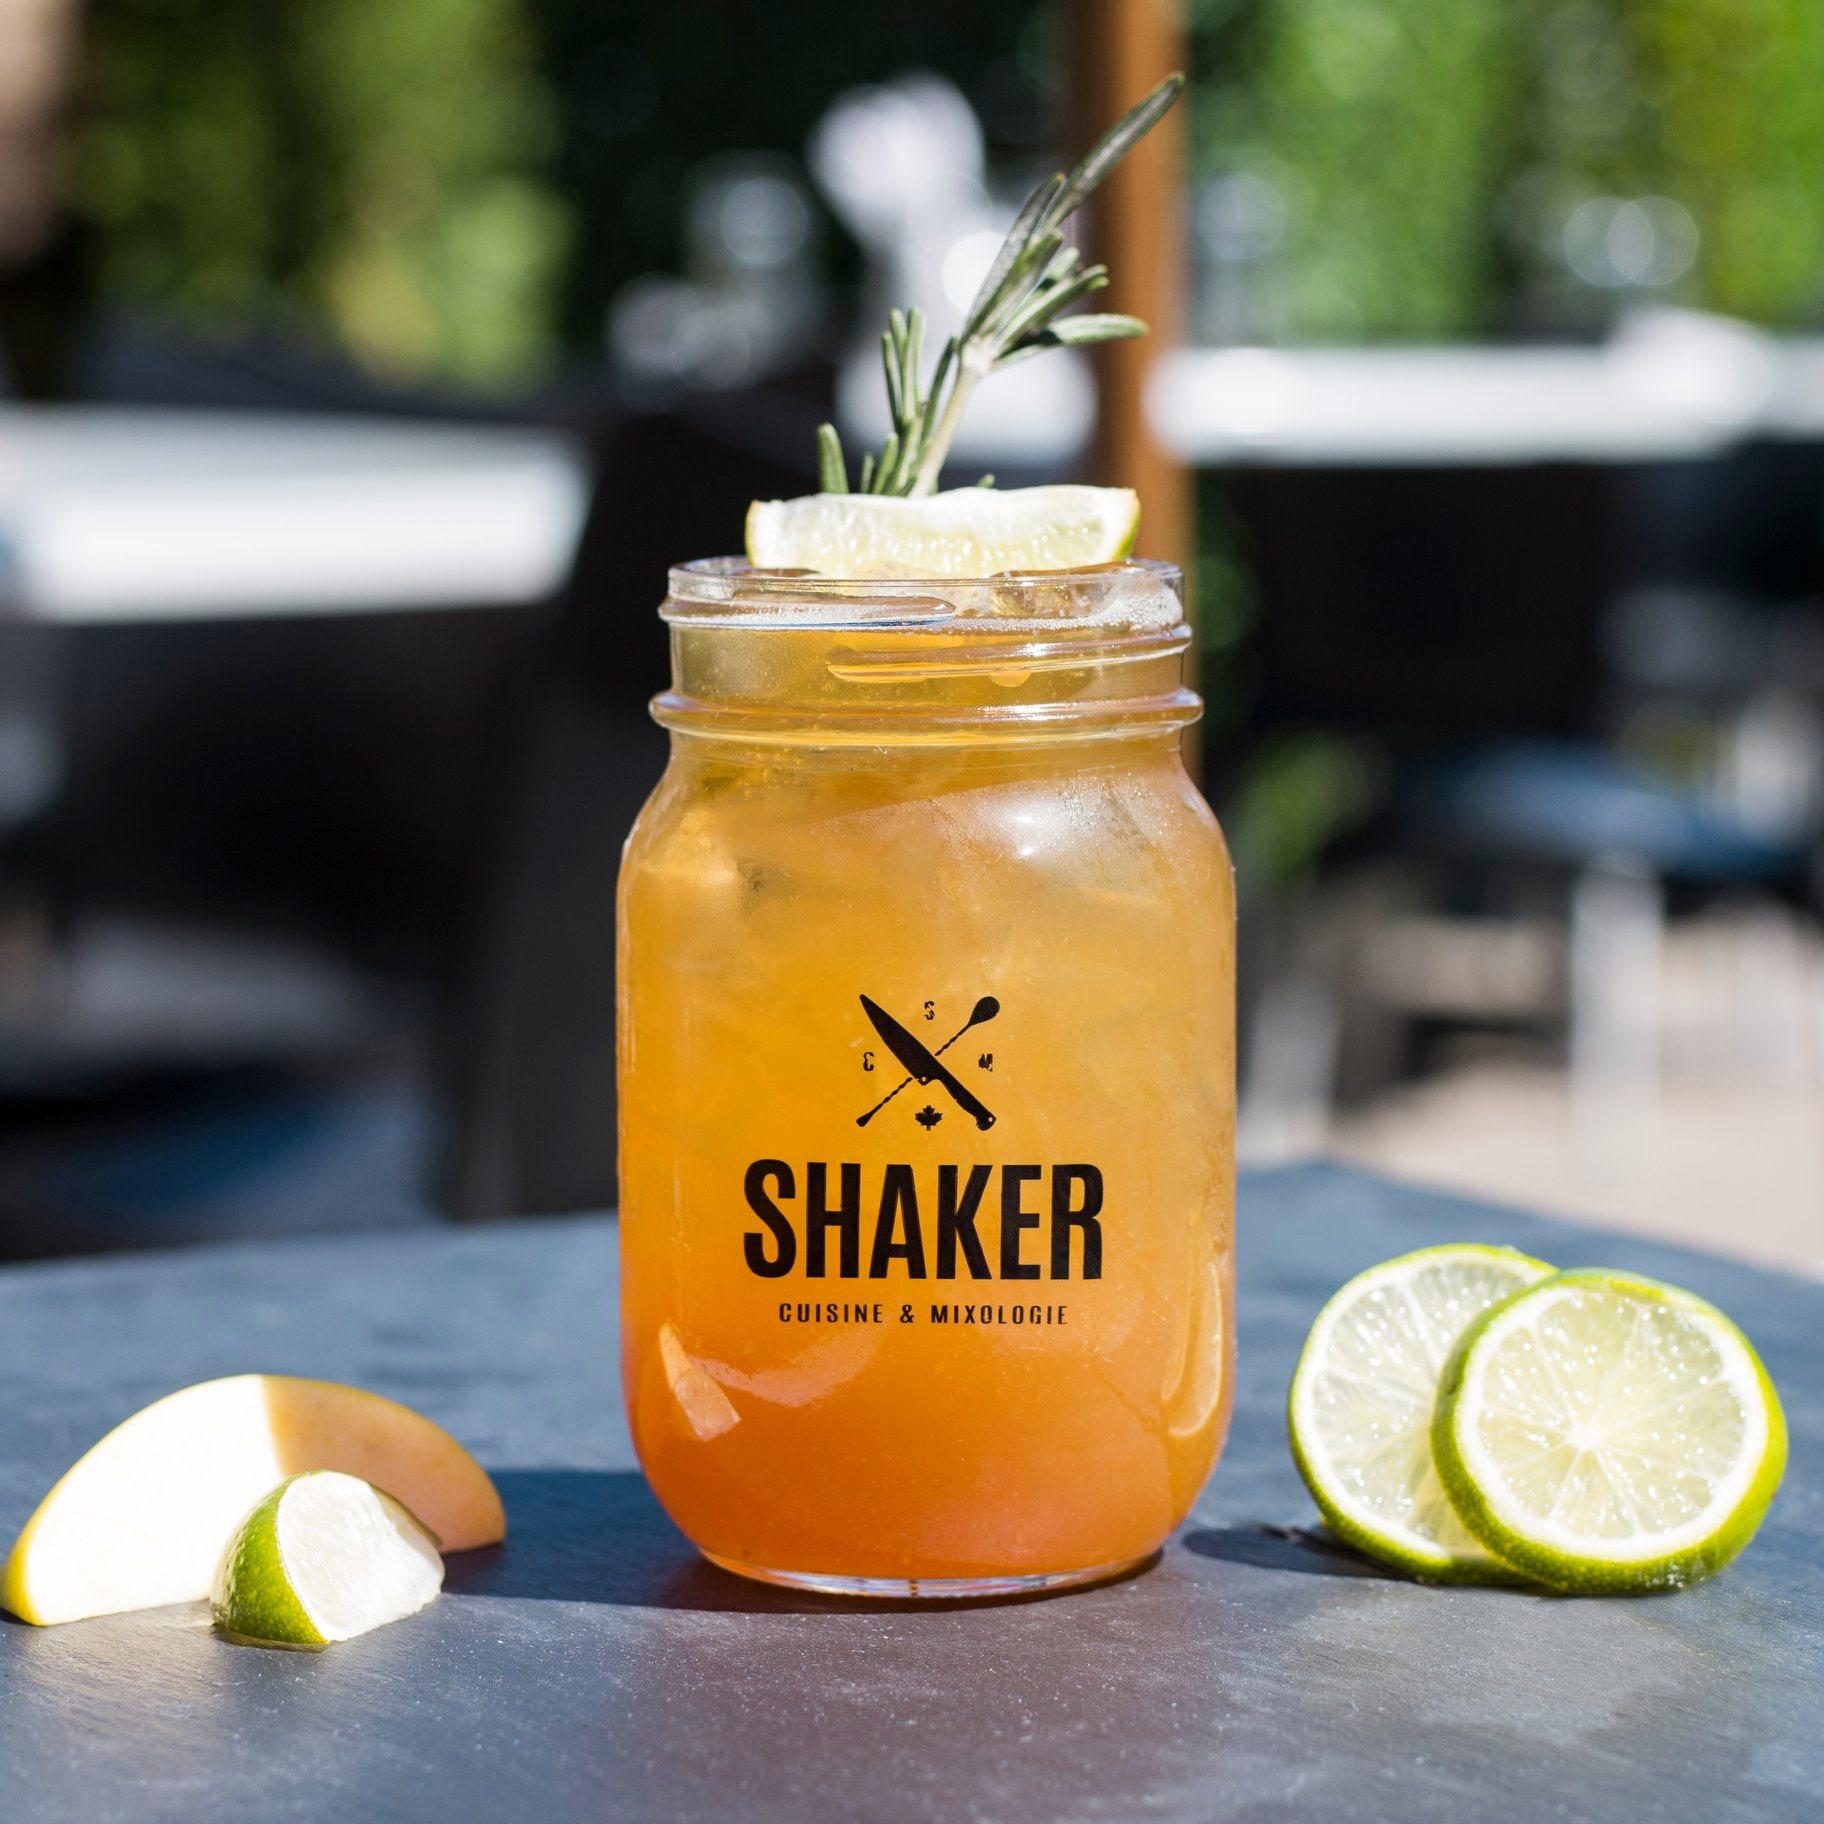 shaker-restaurant0cocktail